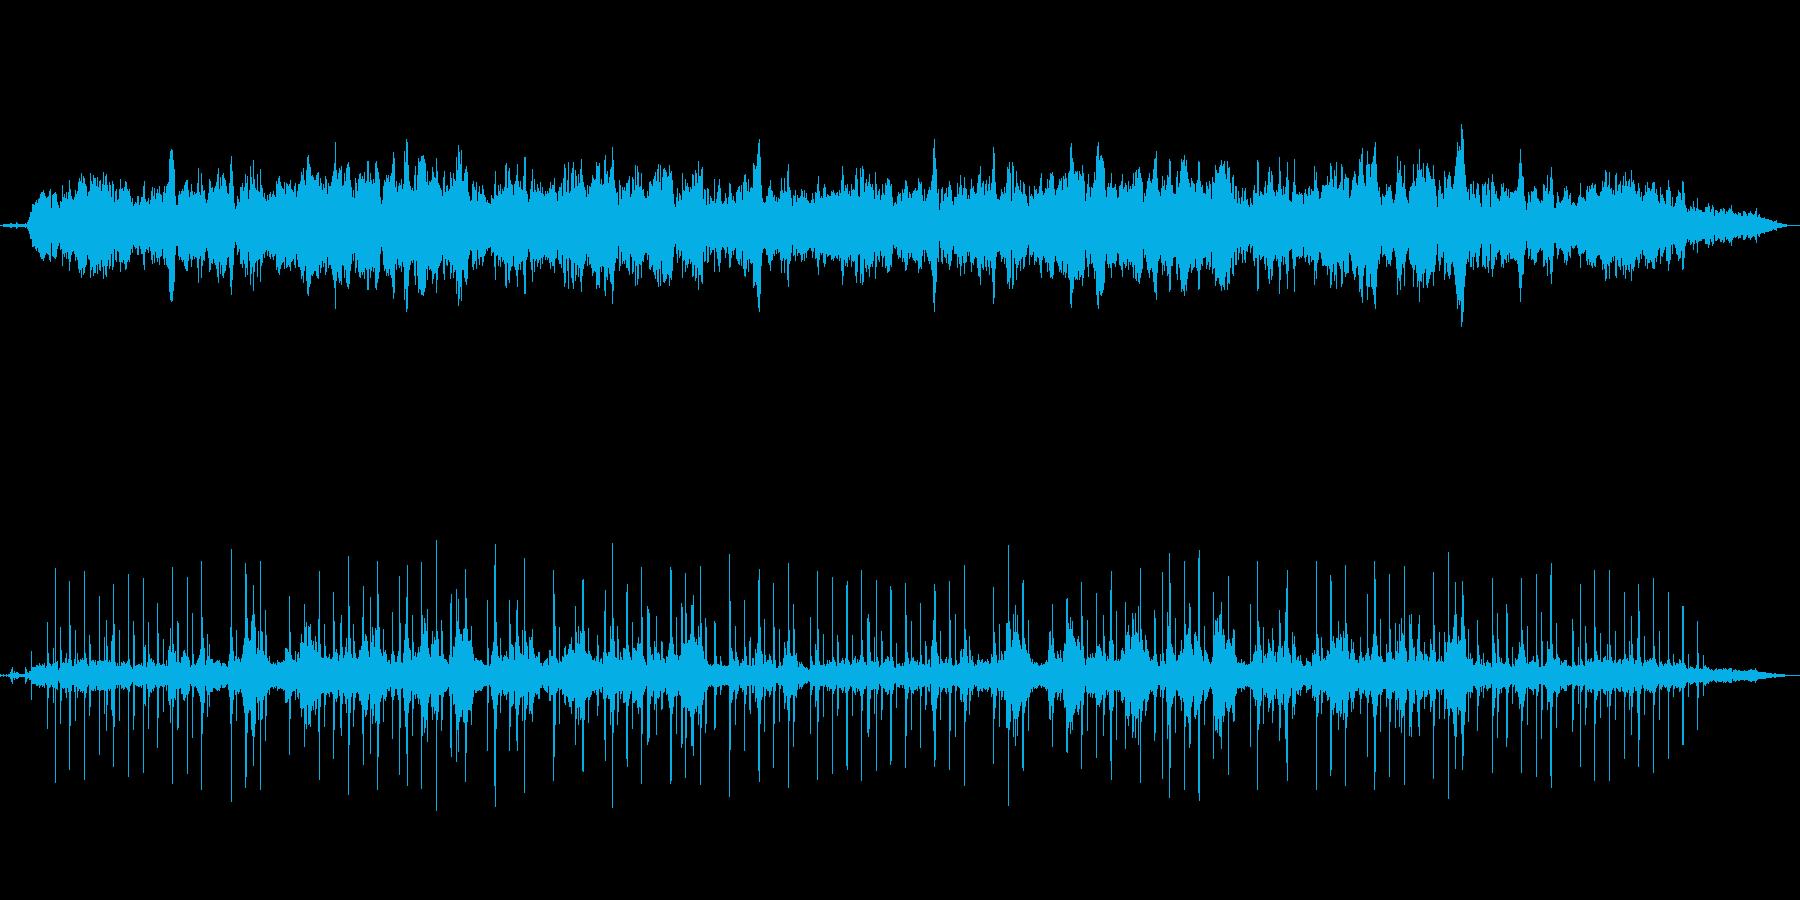 アヴェマリア・鳥の声と静かなヒーリング曲の再生済みの波形